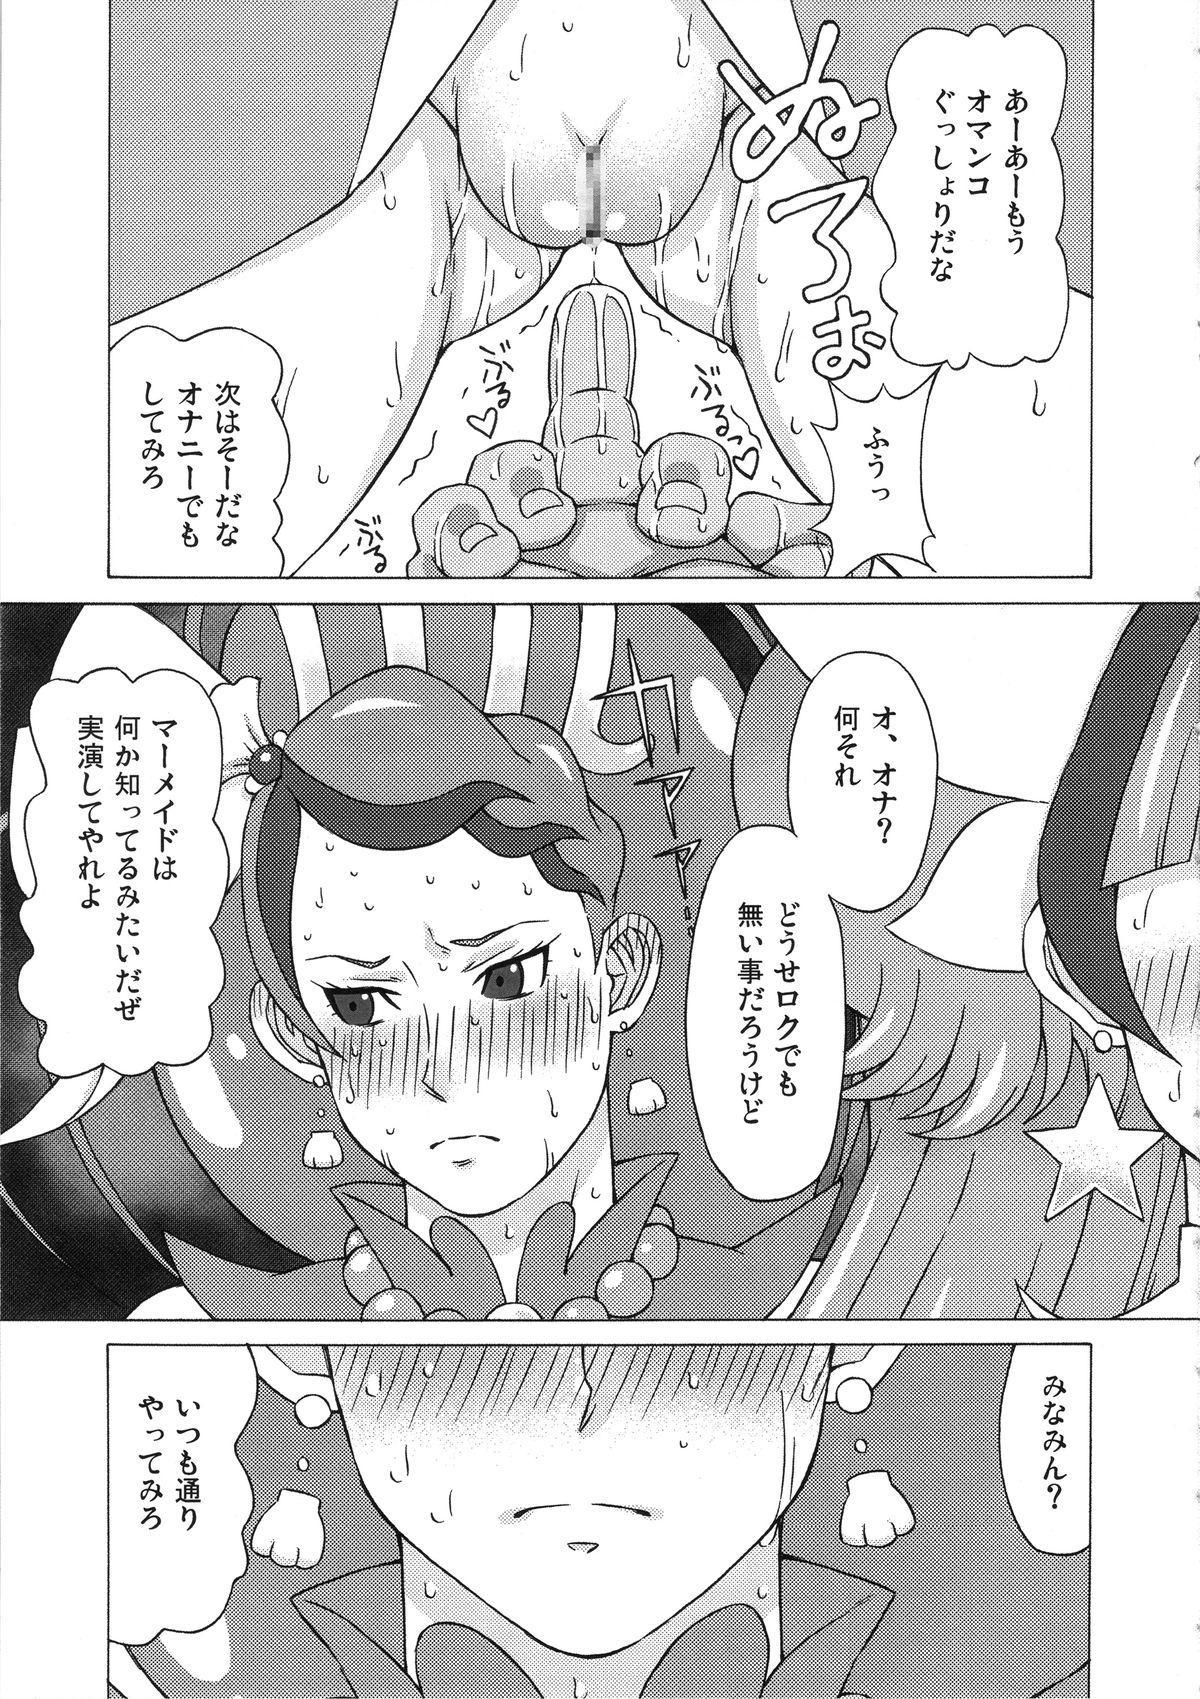 Kaidou Minami to Amanogawa Kirara ni Iroiro Shitemita. 11